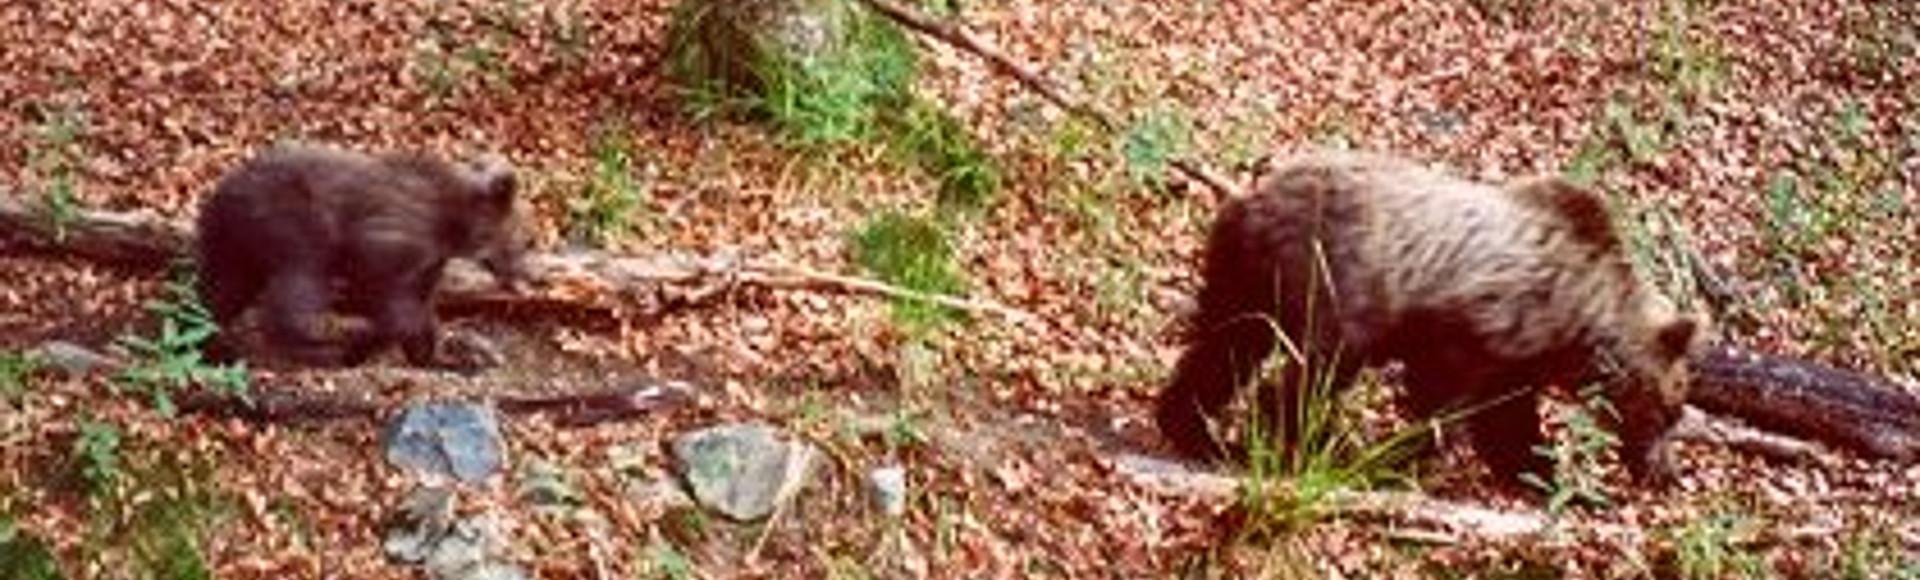 Protection de l'ours, l'état français condamné pour inaction